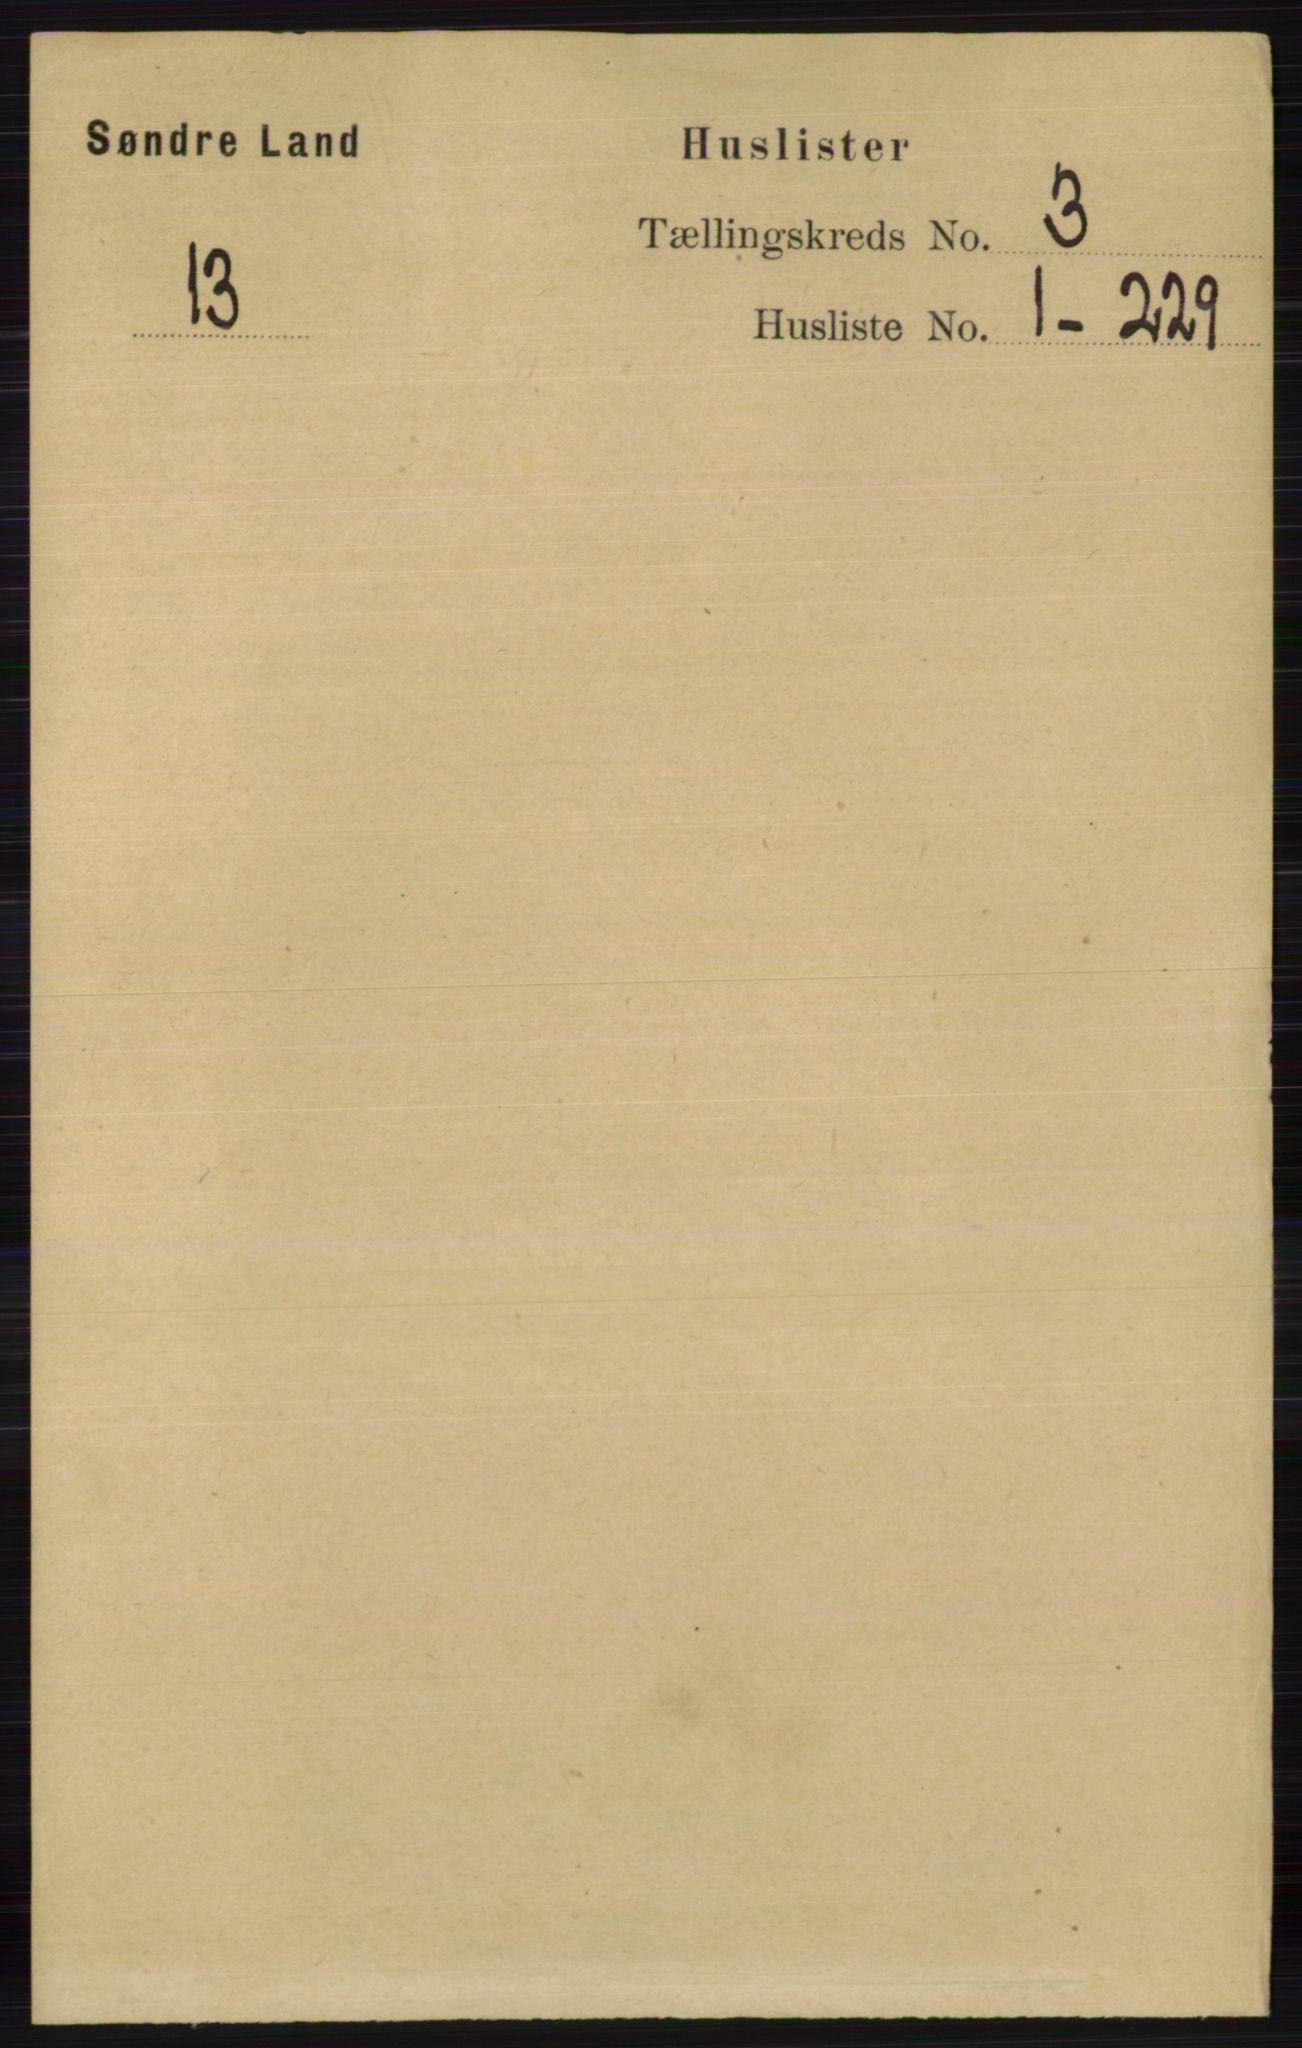 RA, Folketelling 1891 for 0536 Søndre Land herred, 1891, s. 2266